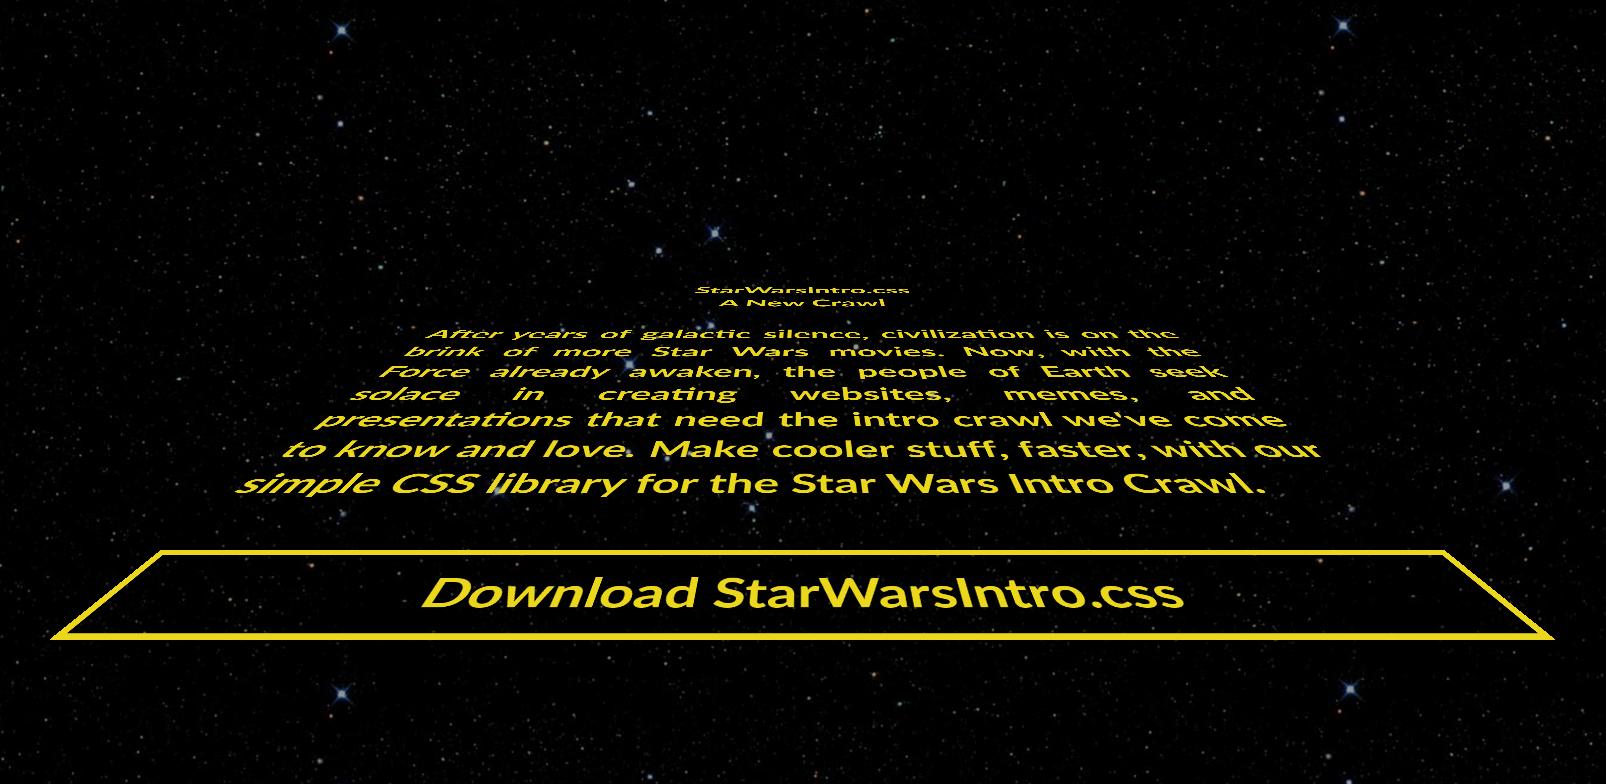 cssだけで簡単実装!STAR WARS(スター・ウォーズ)のイントロ風に表現できるライブラリ「starwarsintro.css」